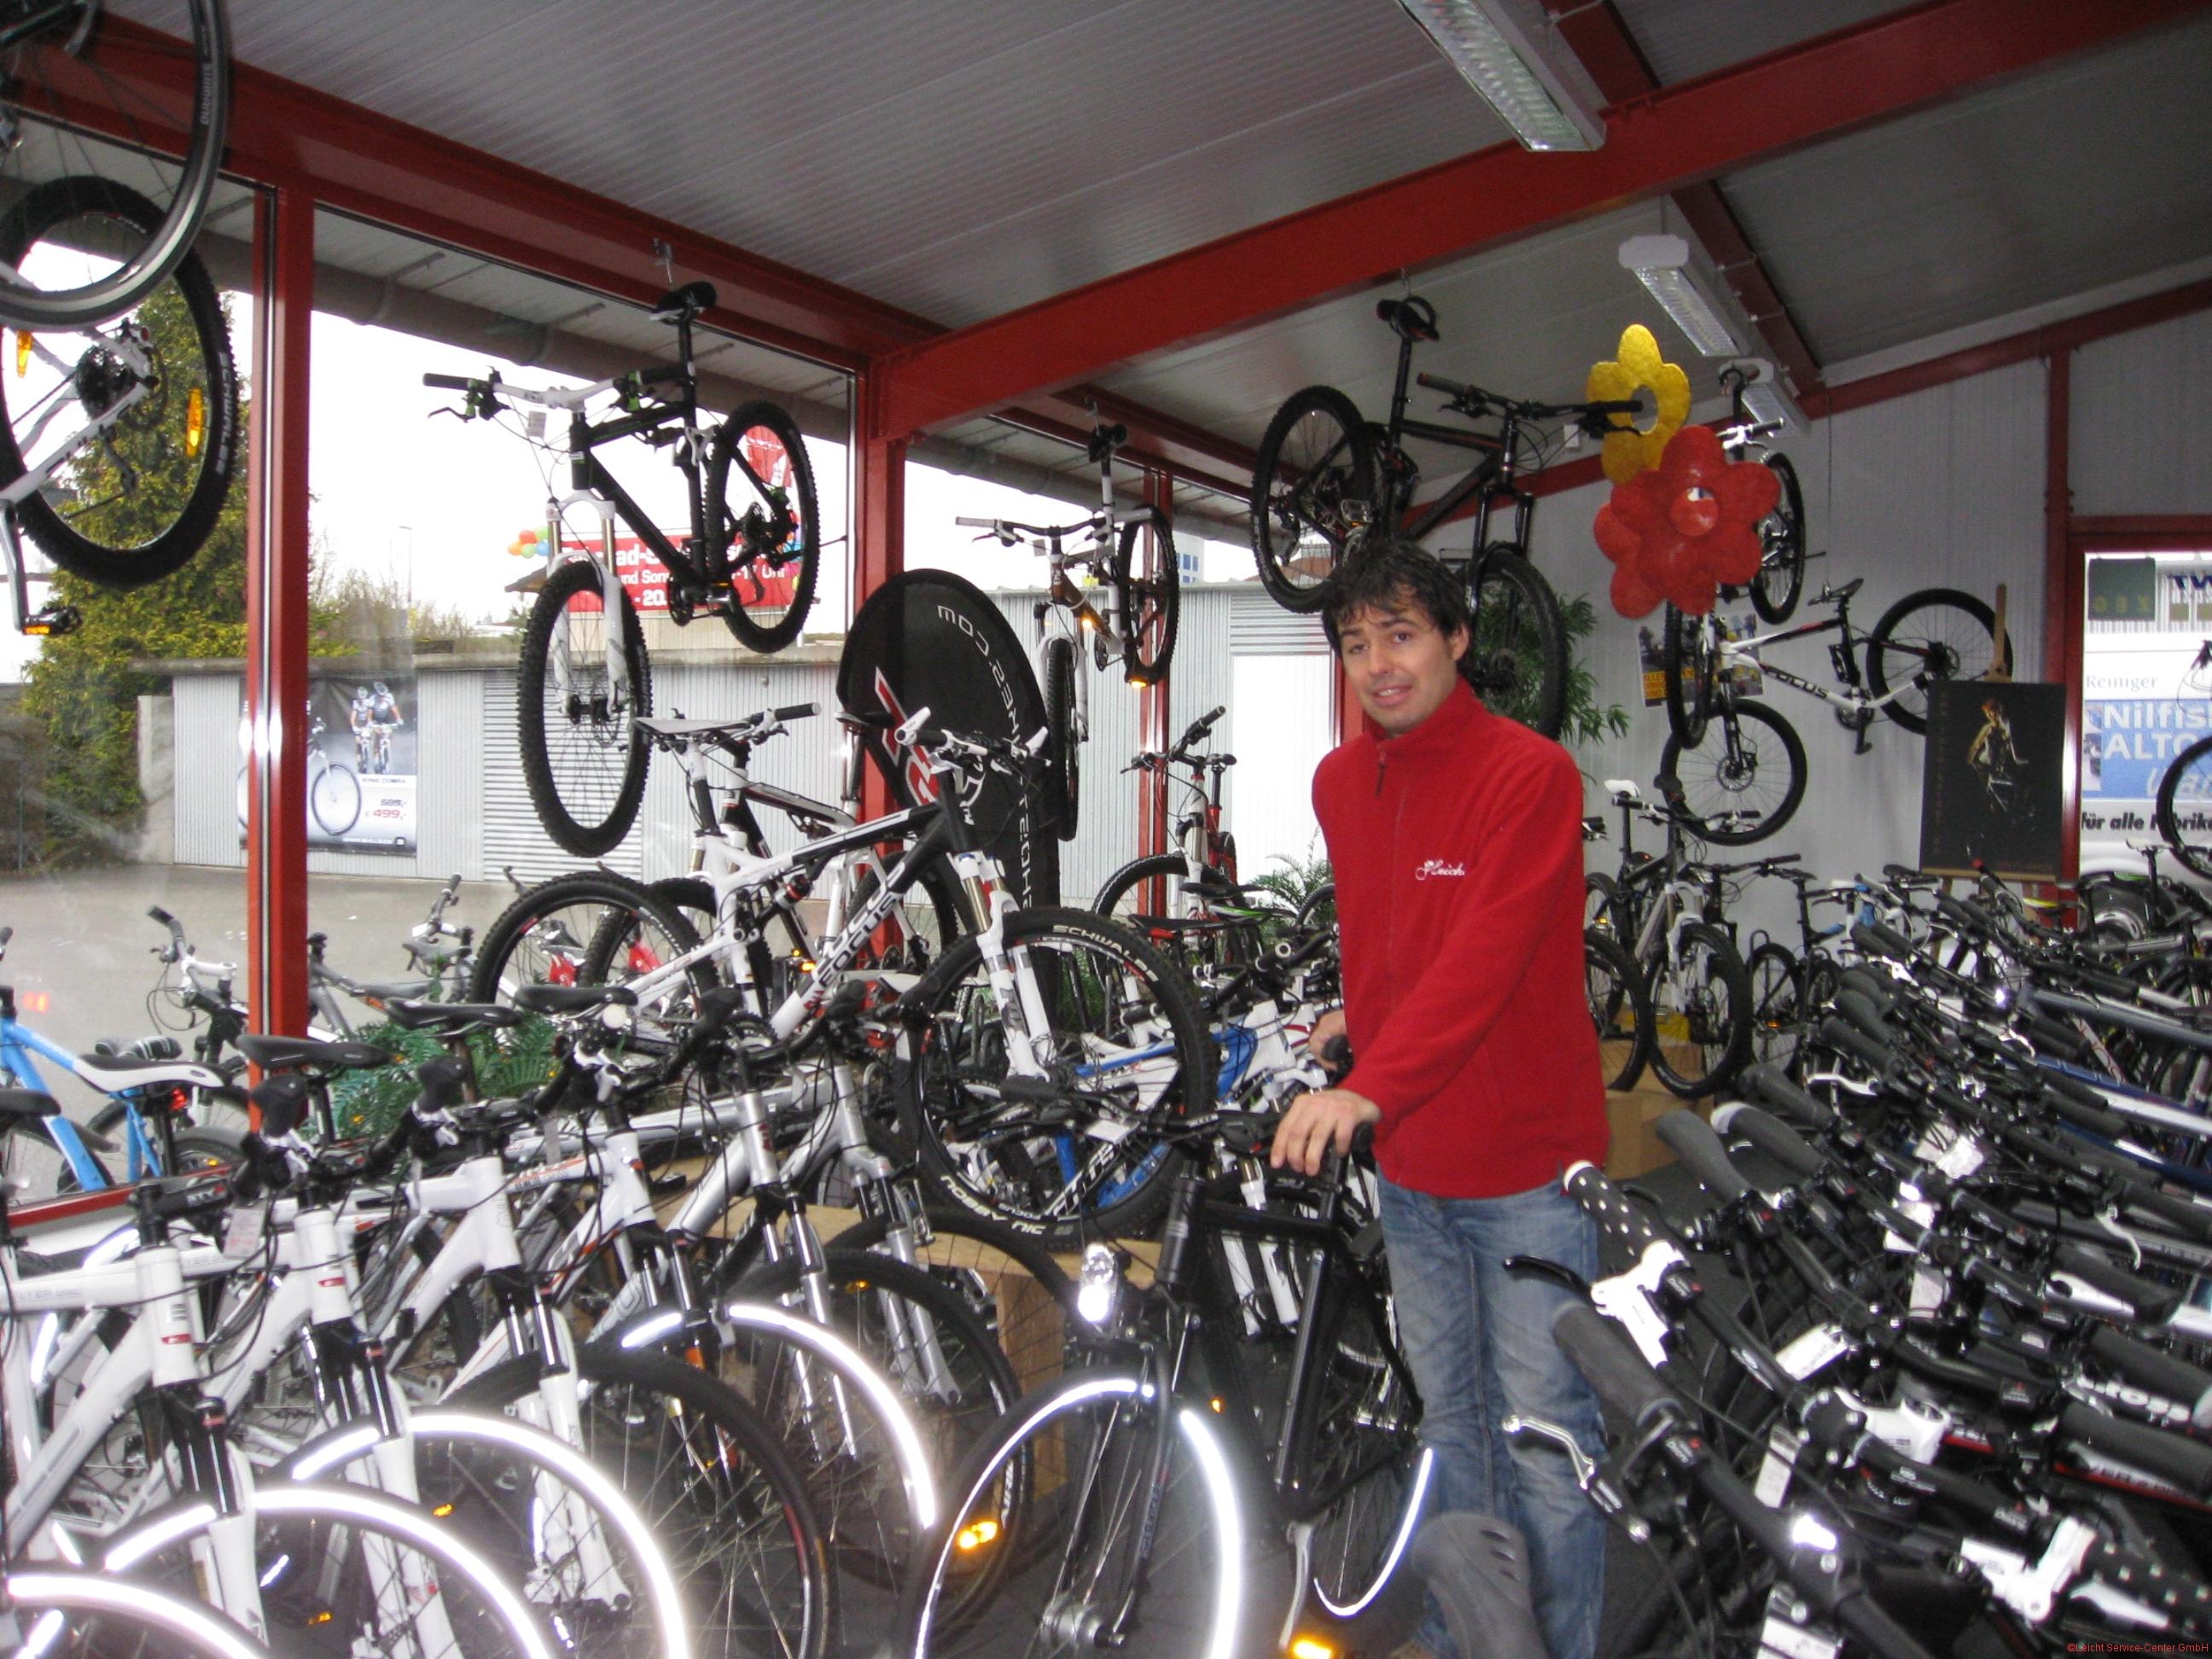 Fahrrad-Sonderschau 2011-03-19 16-15-48